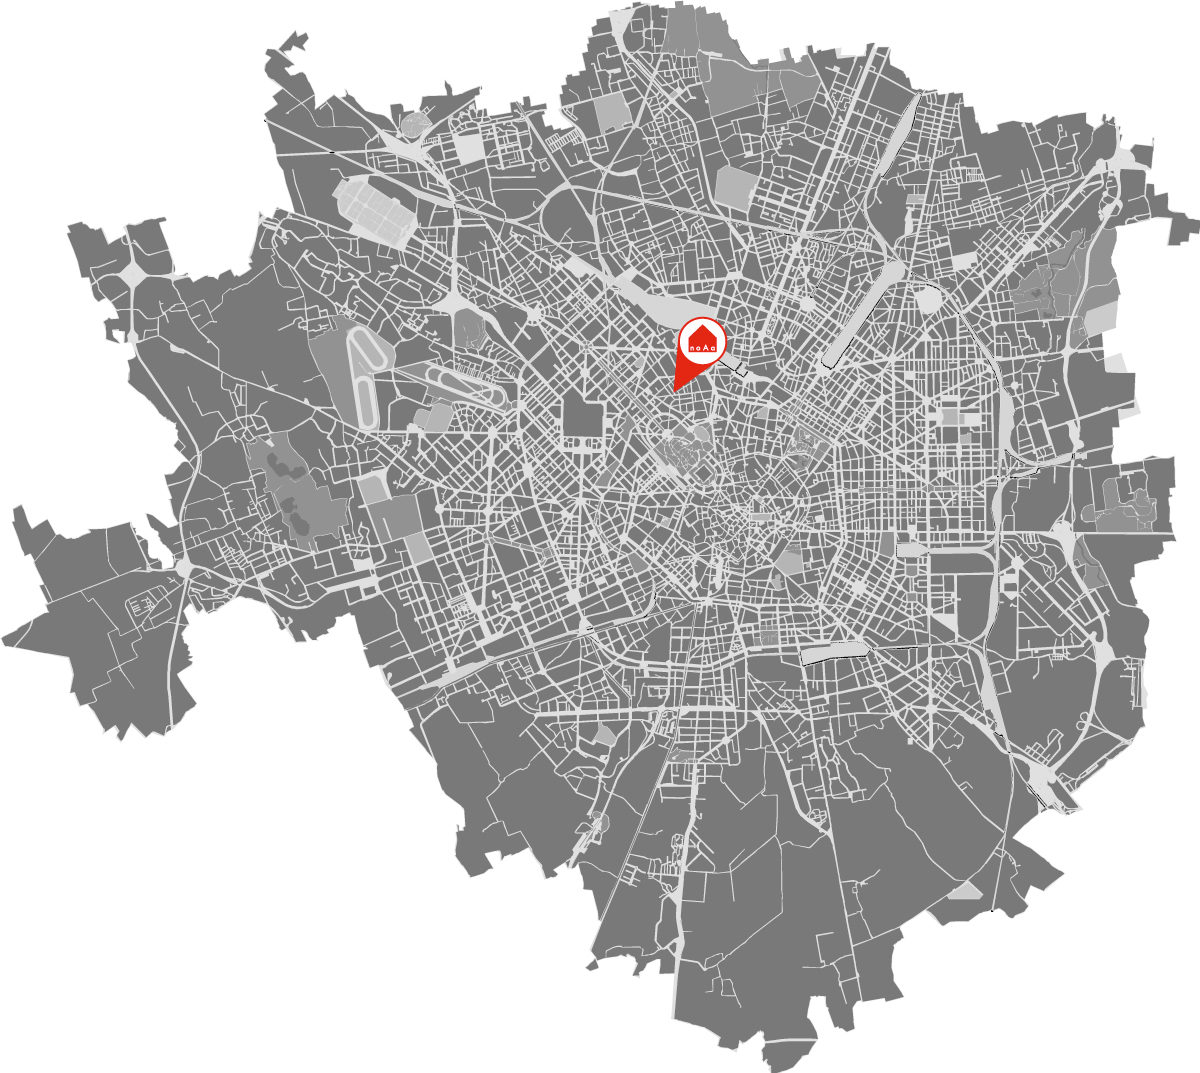 noaa-location